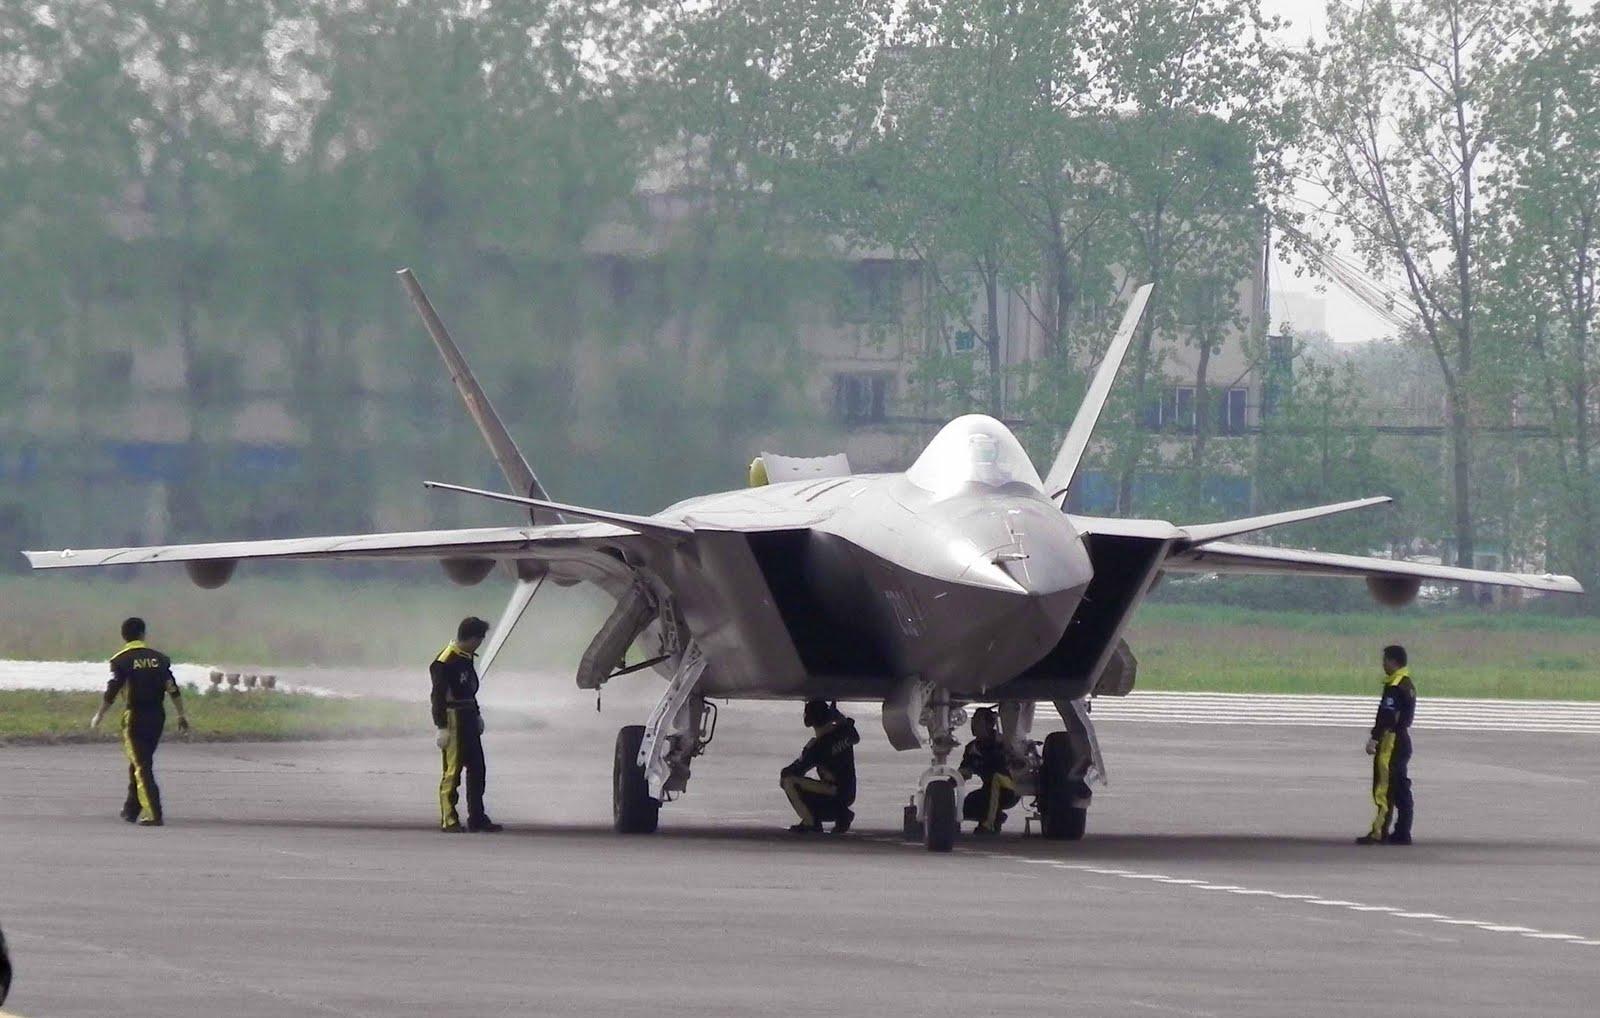 المقاتلة الصينية J-20 Mighty Dragon المولود غير الشرعي J-20%2BMighty%2BDragon%2B%2BChengdu%2BJ-20%2Bfifth%2Bgeneration%2Bstealth%252C%2Btwin-engine%2Bfighter%2Baircraft%2Bprototype%2BPeople%2527s%2BLiberation%2BArmy%2BAir%2BForce%2B%25285%2529